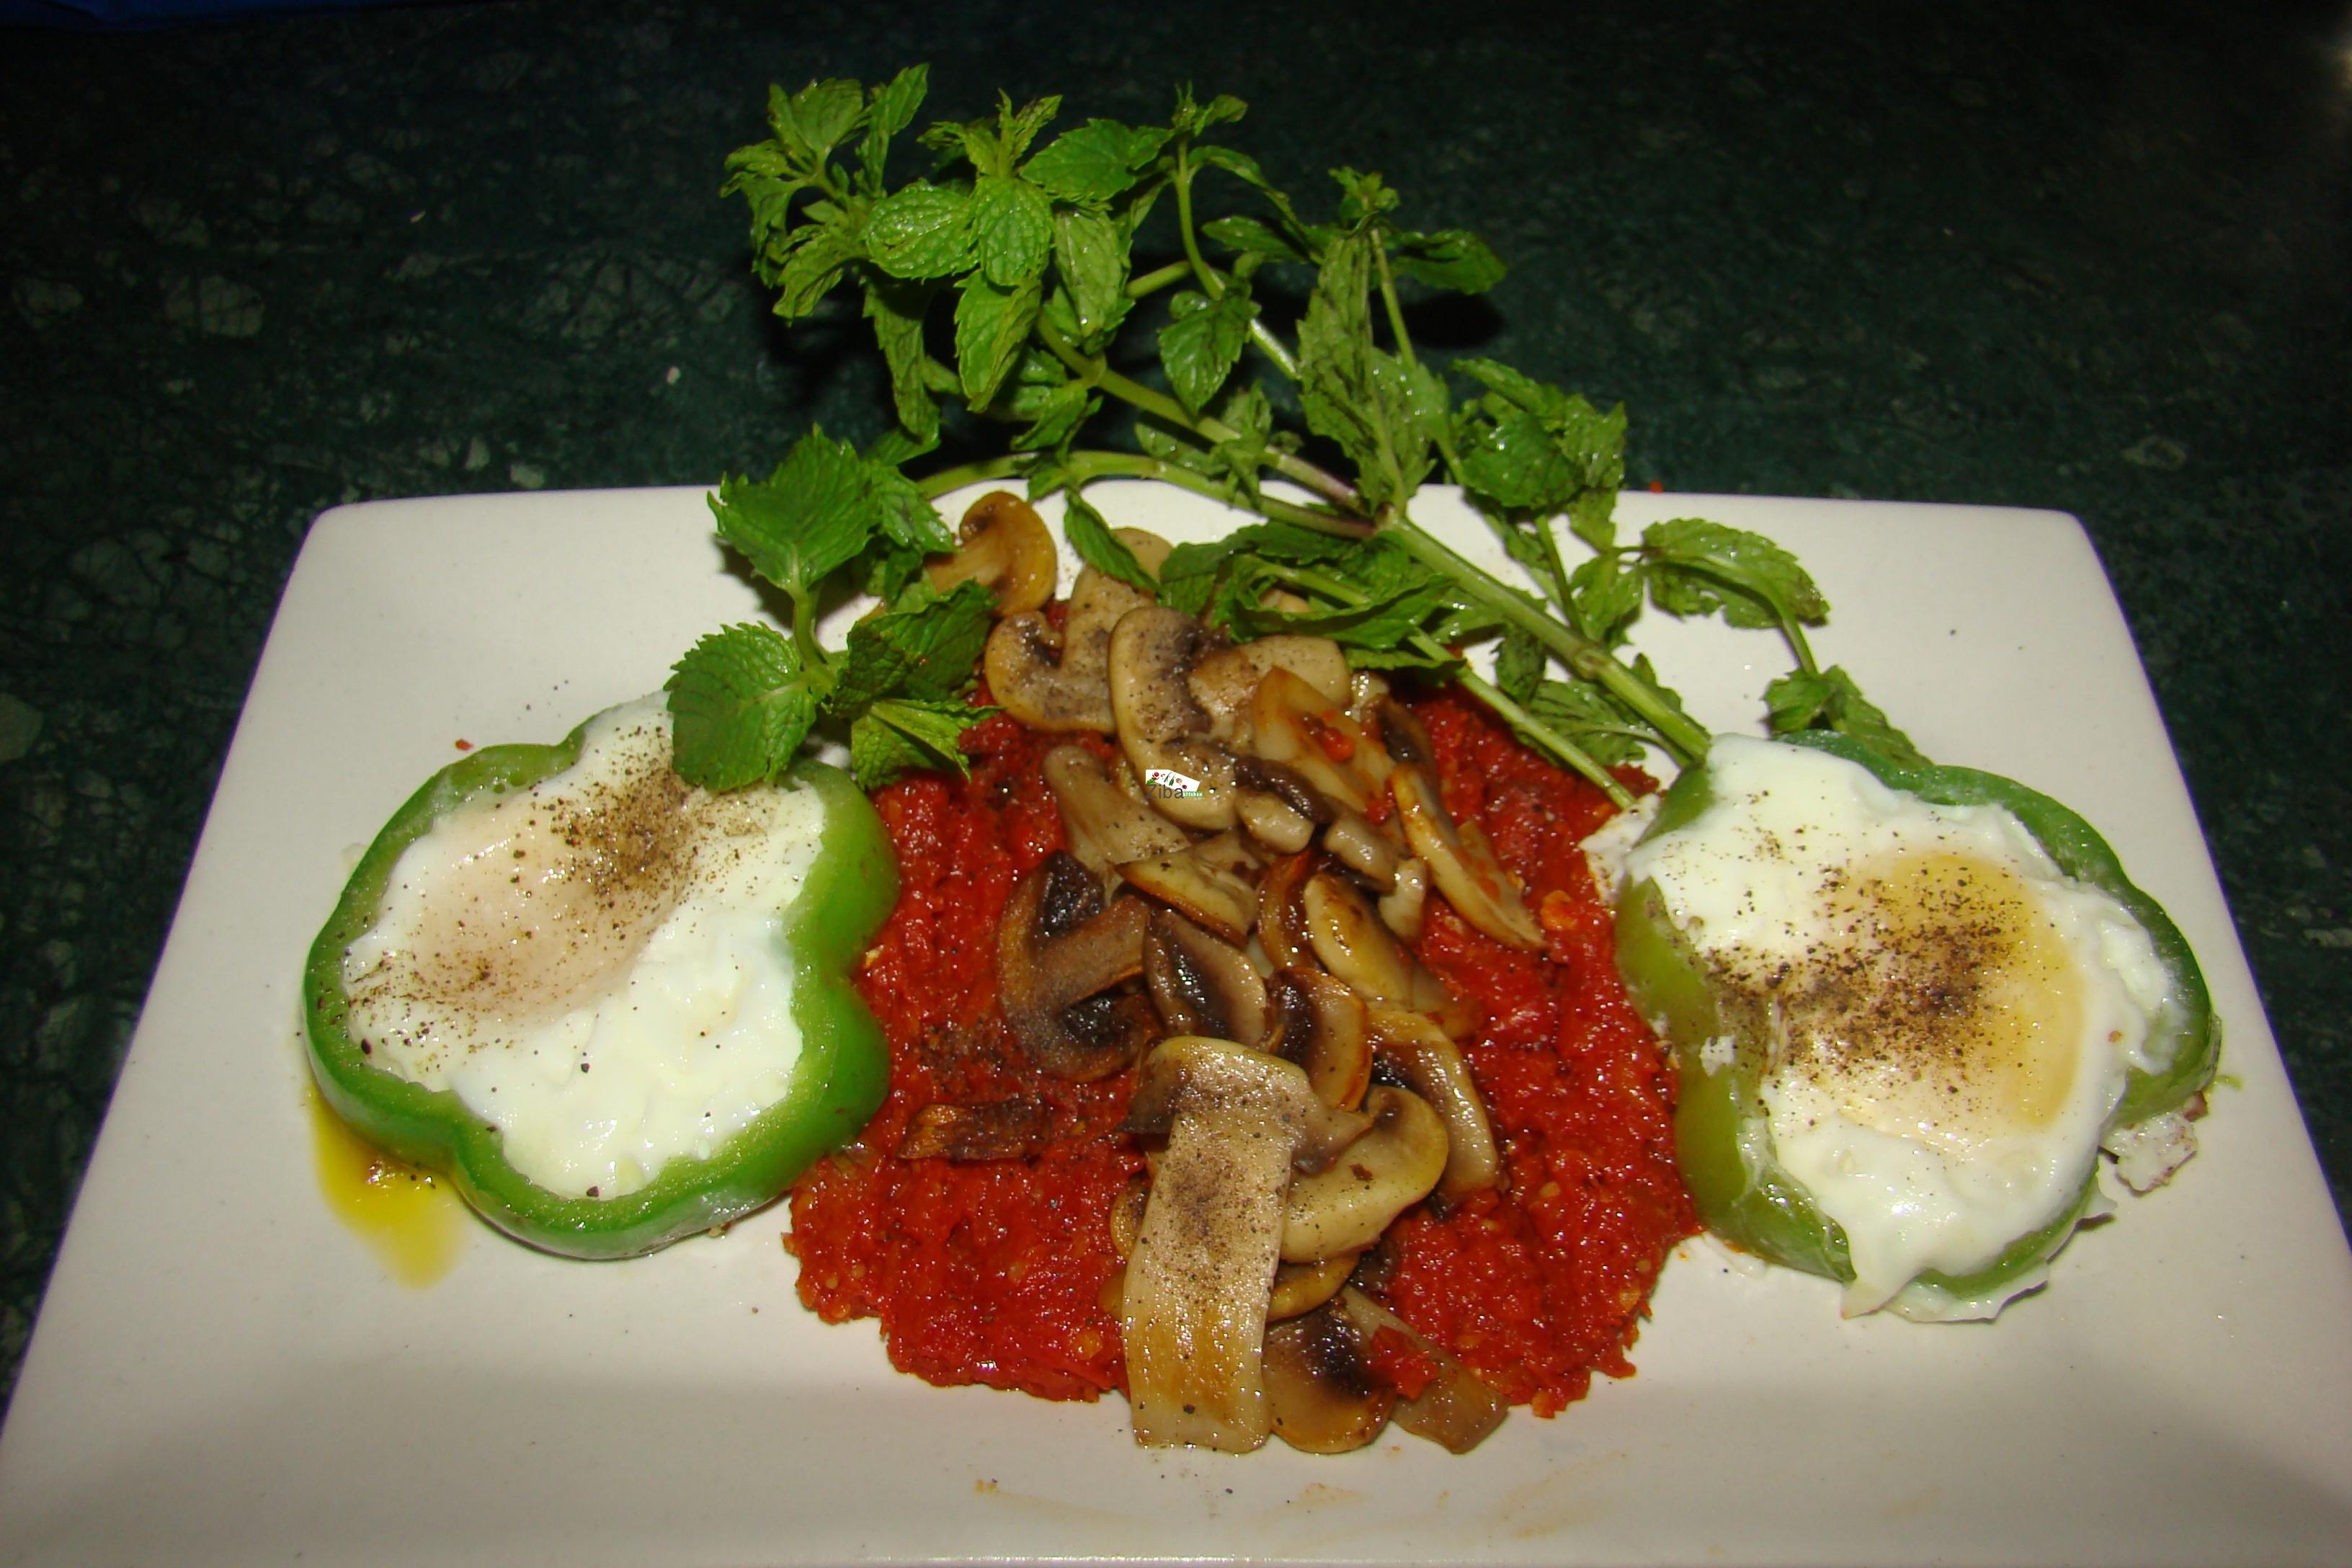 Tomato, Mushroom & Capsicum Egg Fried Recipe